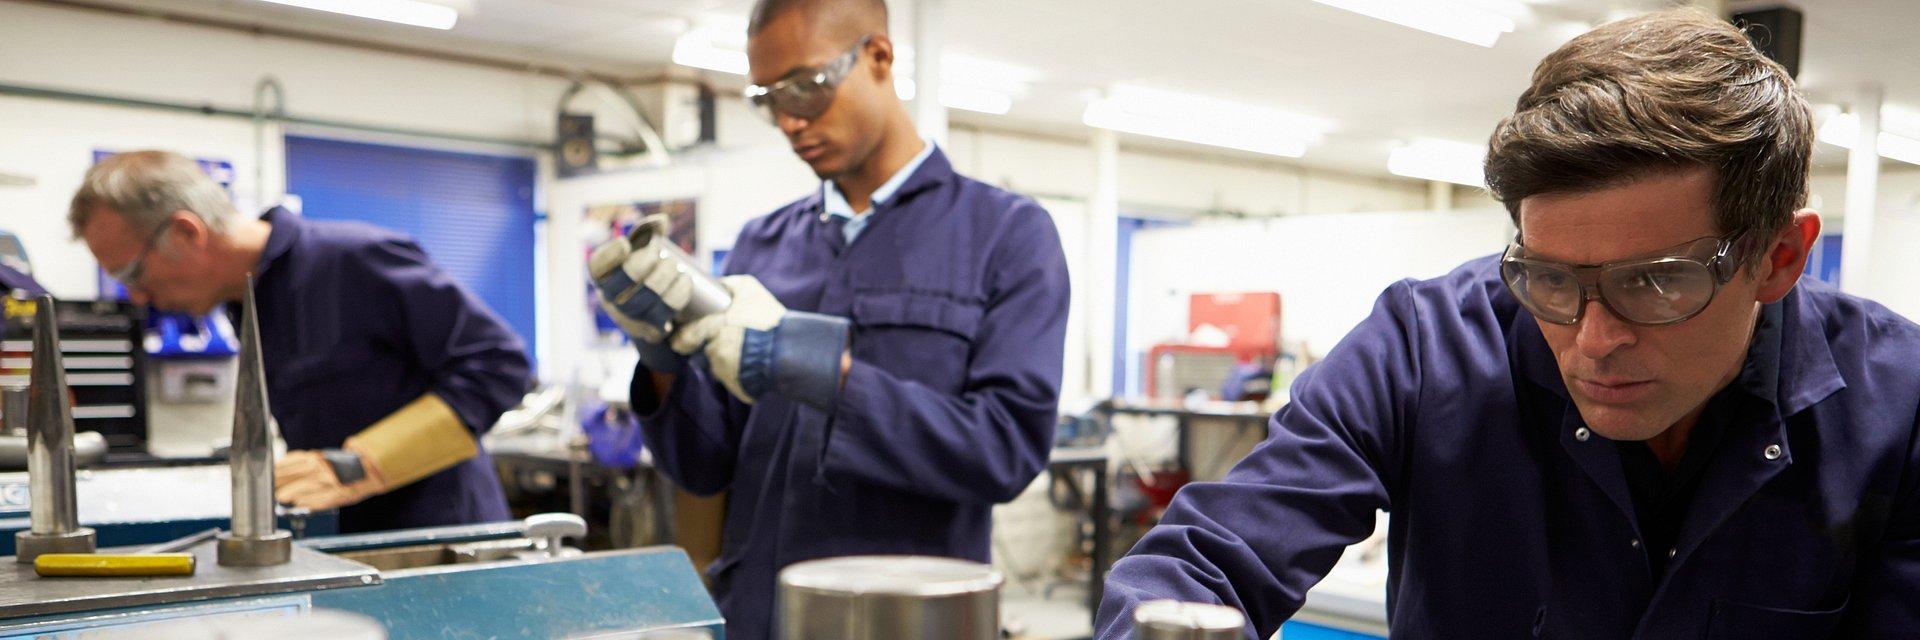 Produkcja przemysłowa z największym zapotrzebowaniem na ręce do pracy